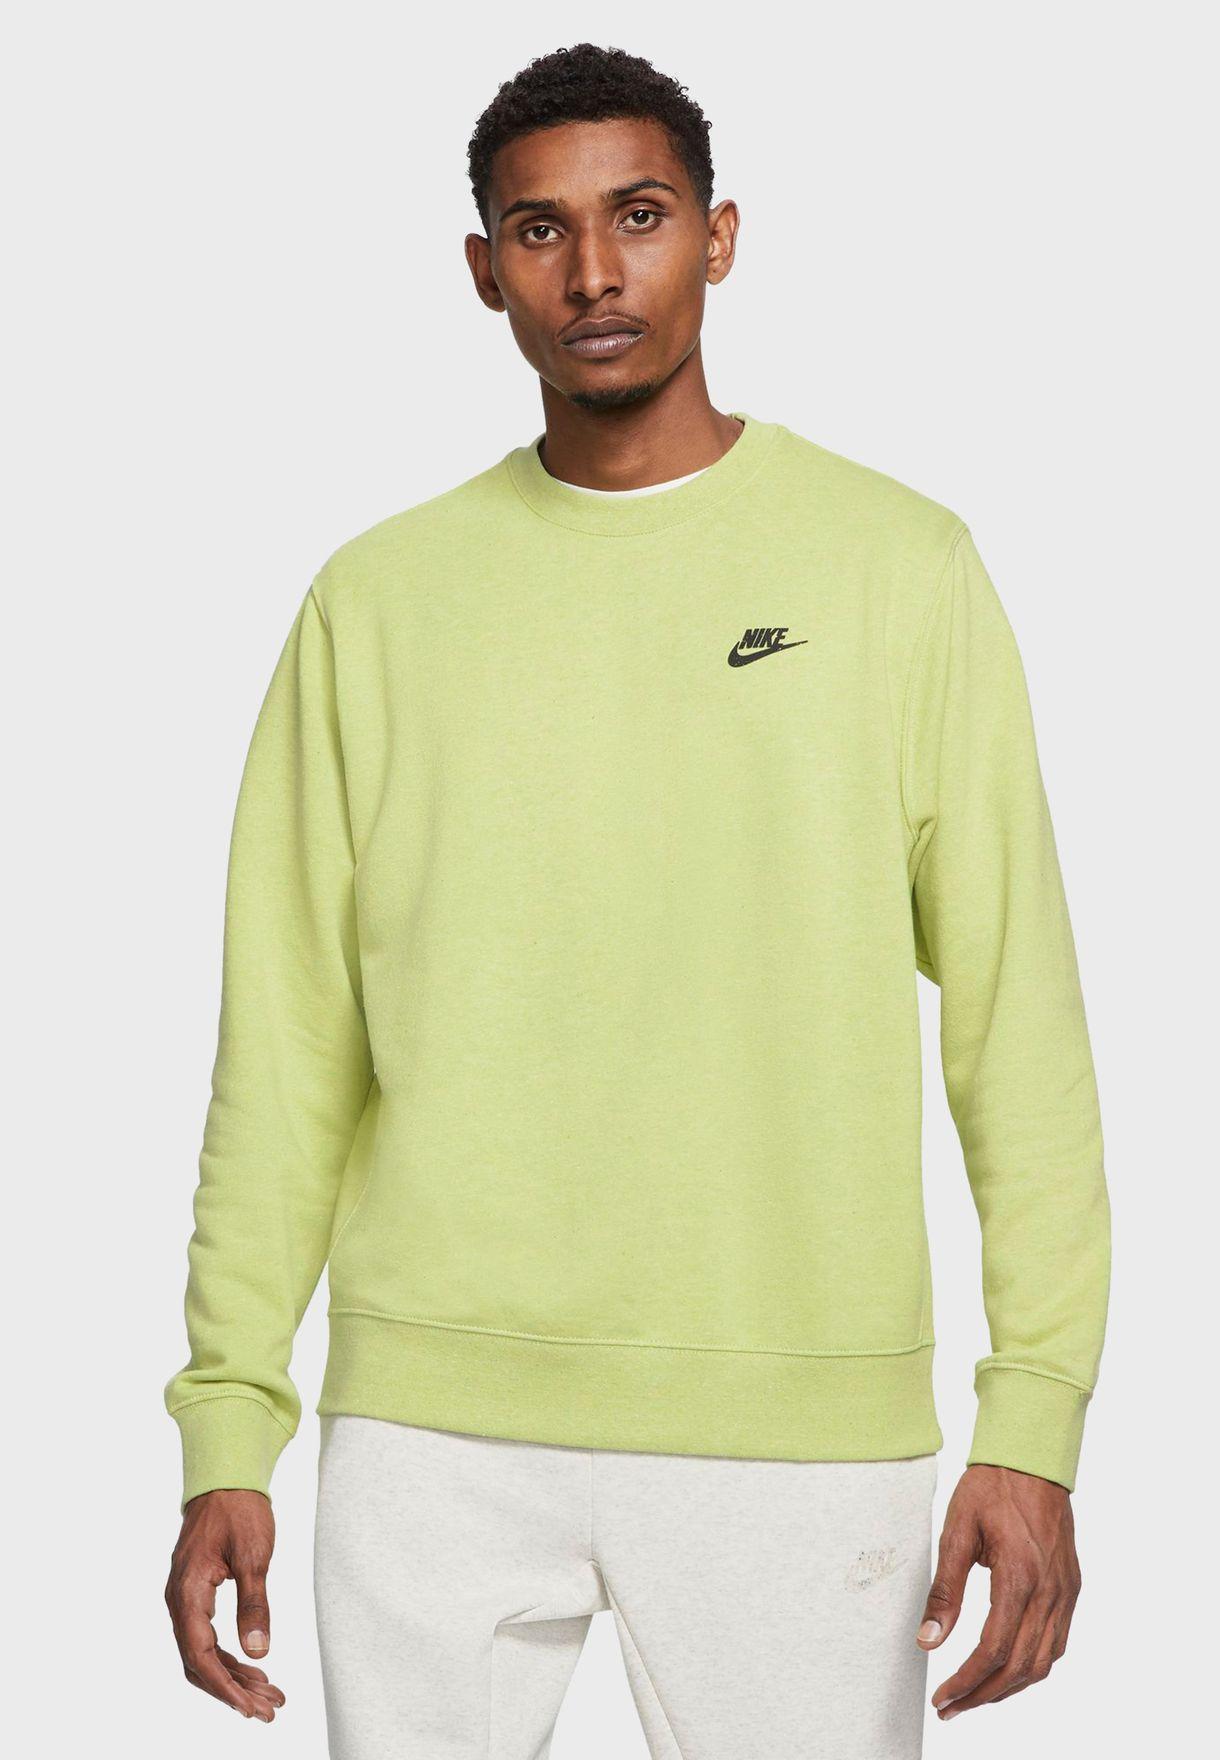 NSW Sweatshirt